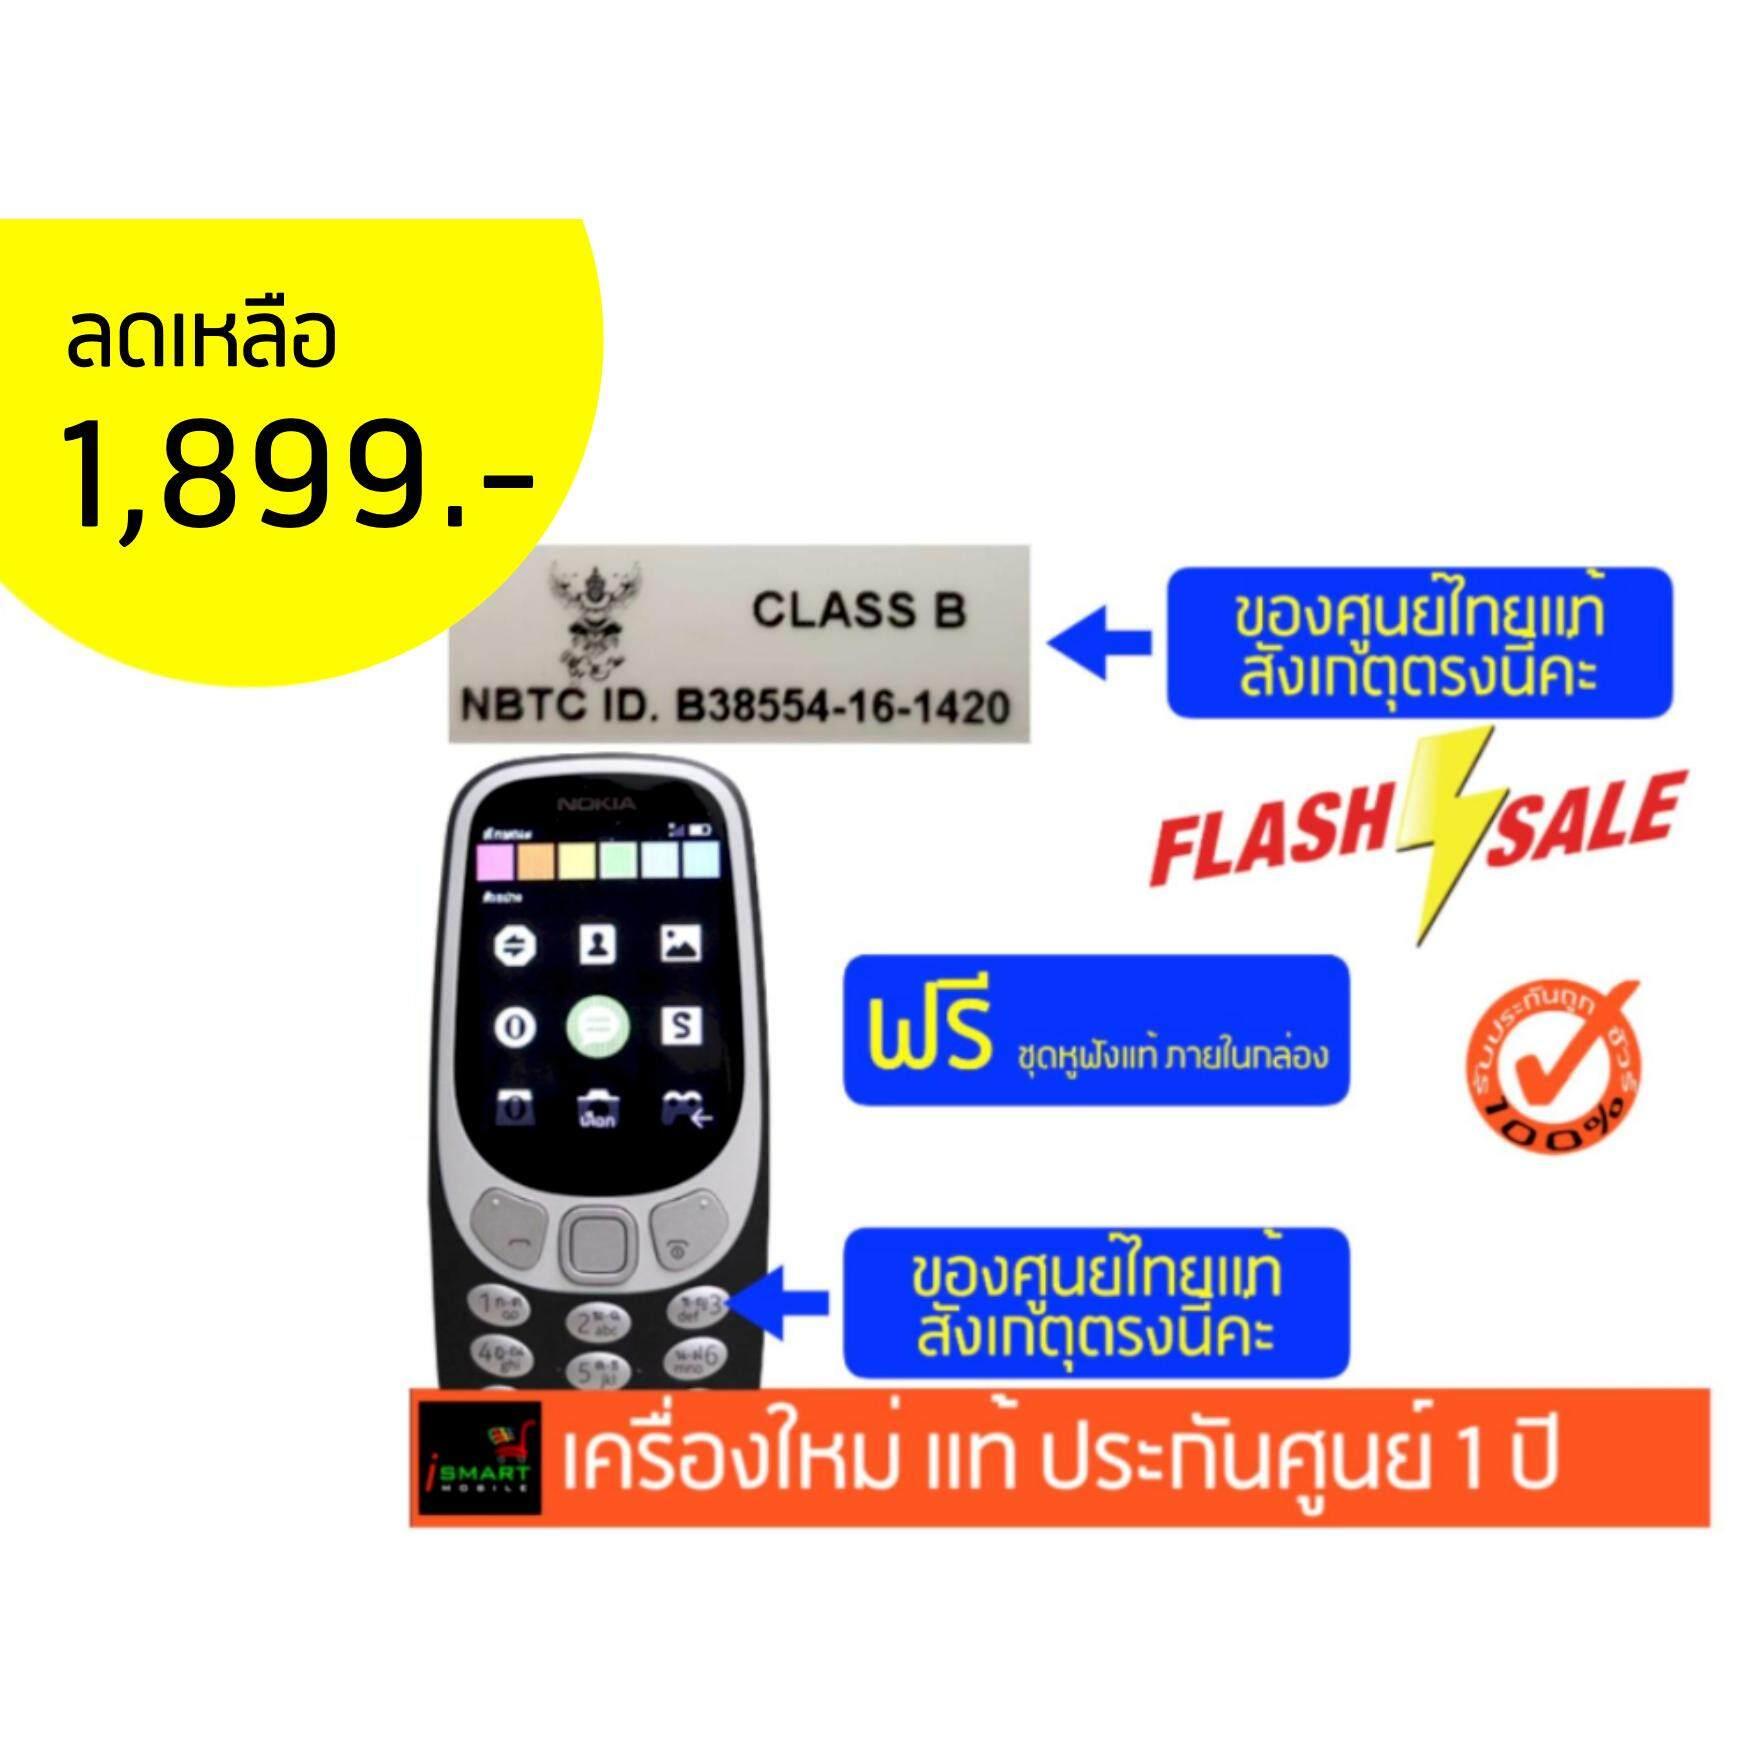 ขาย Nokia 3310 3G แท้ ฟรี Smalltalk แท้ ลดเหลือ 1 899 บาท กดโค๊ต Ismart10 พร้อมส่งฟรี เป็นต้นฉบับ